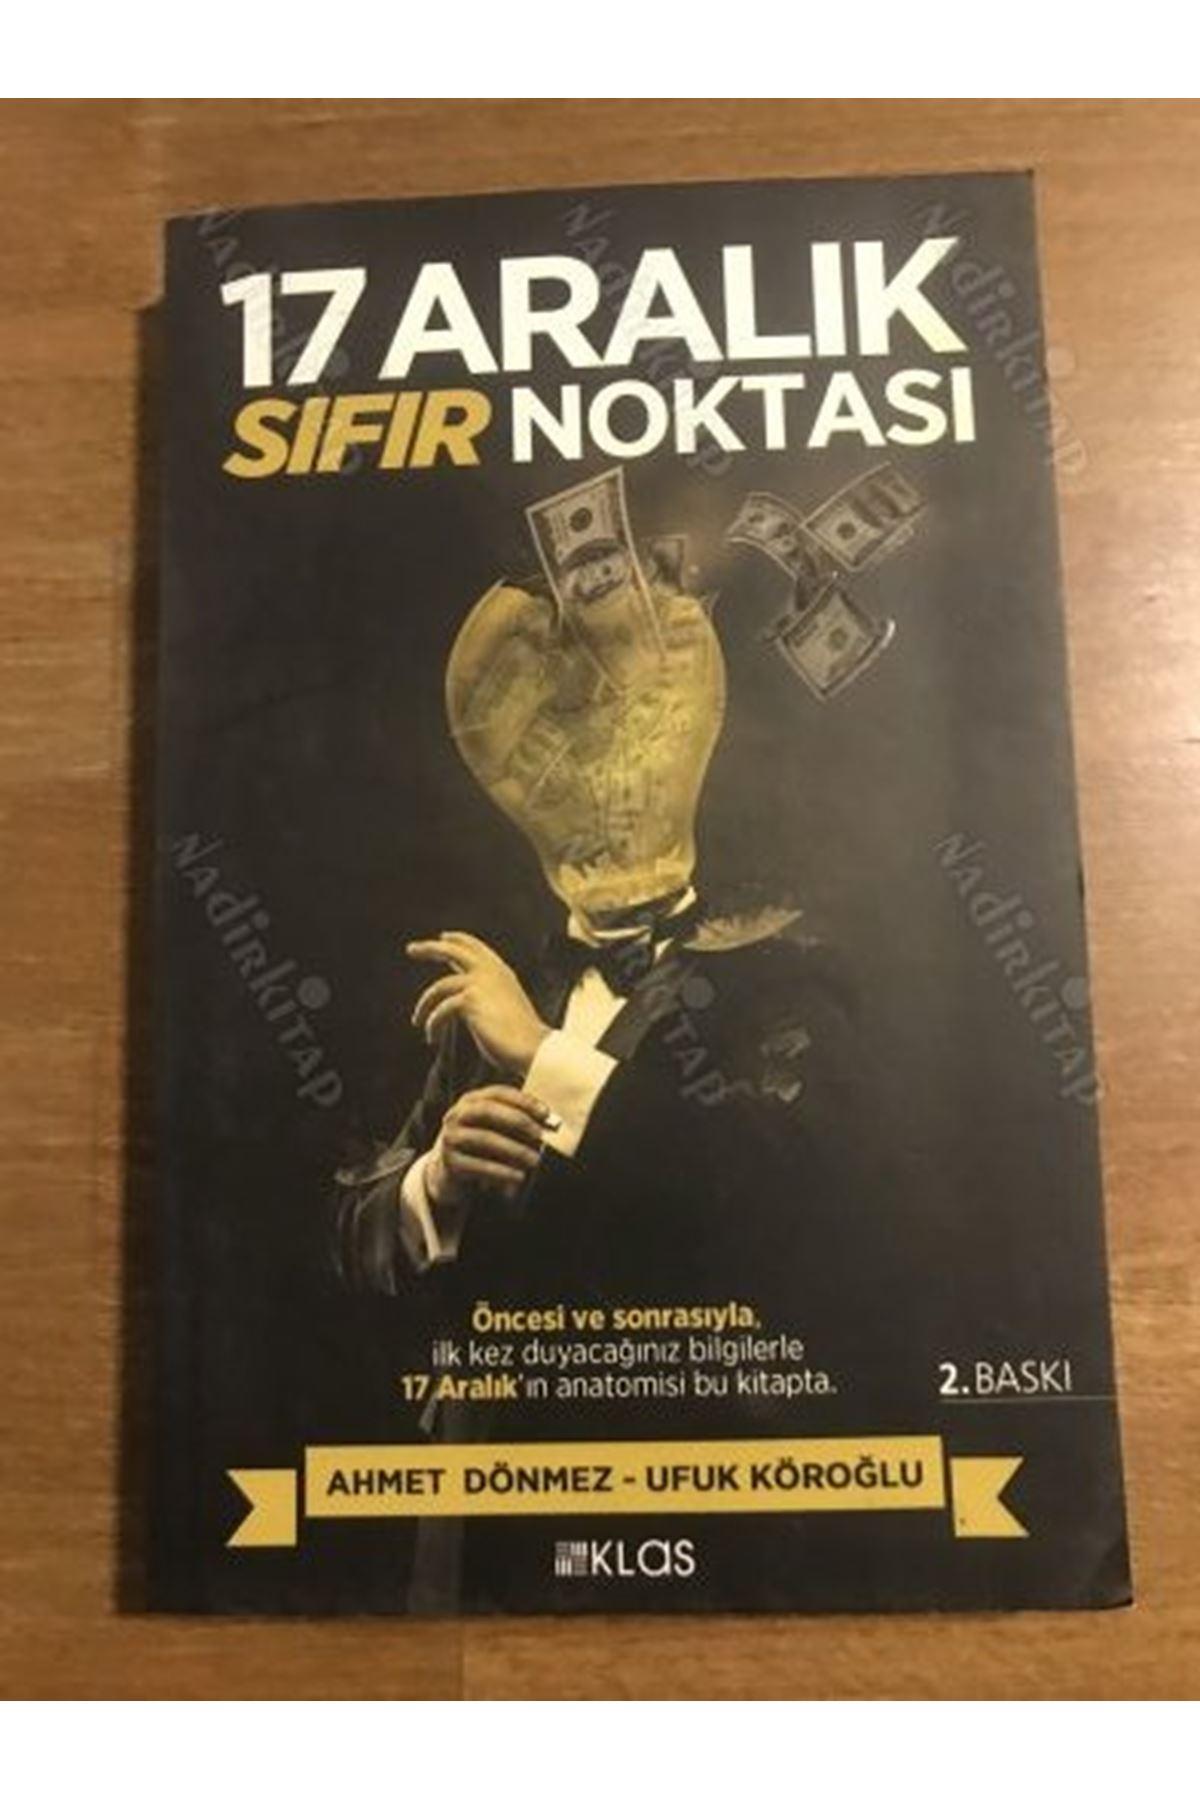 Ahmet Dönmez - 17 Aralık Sıfır Noktası